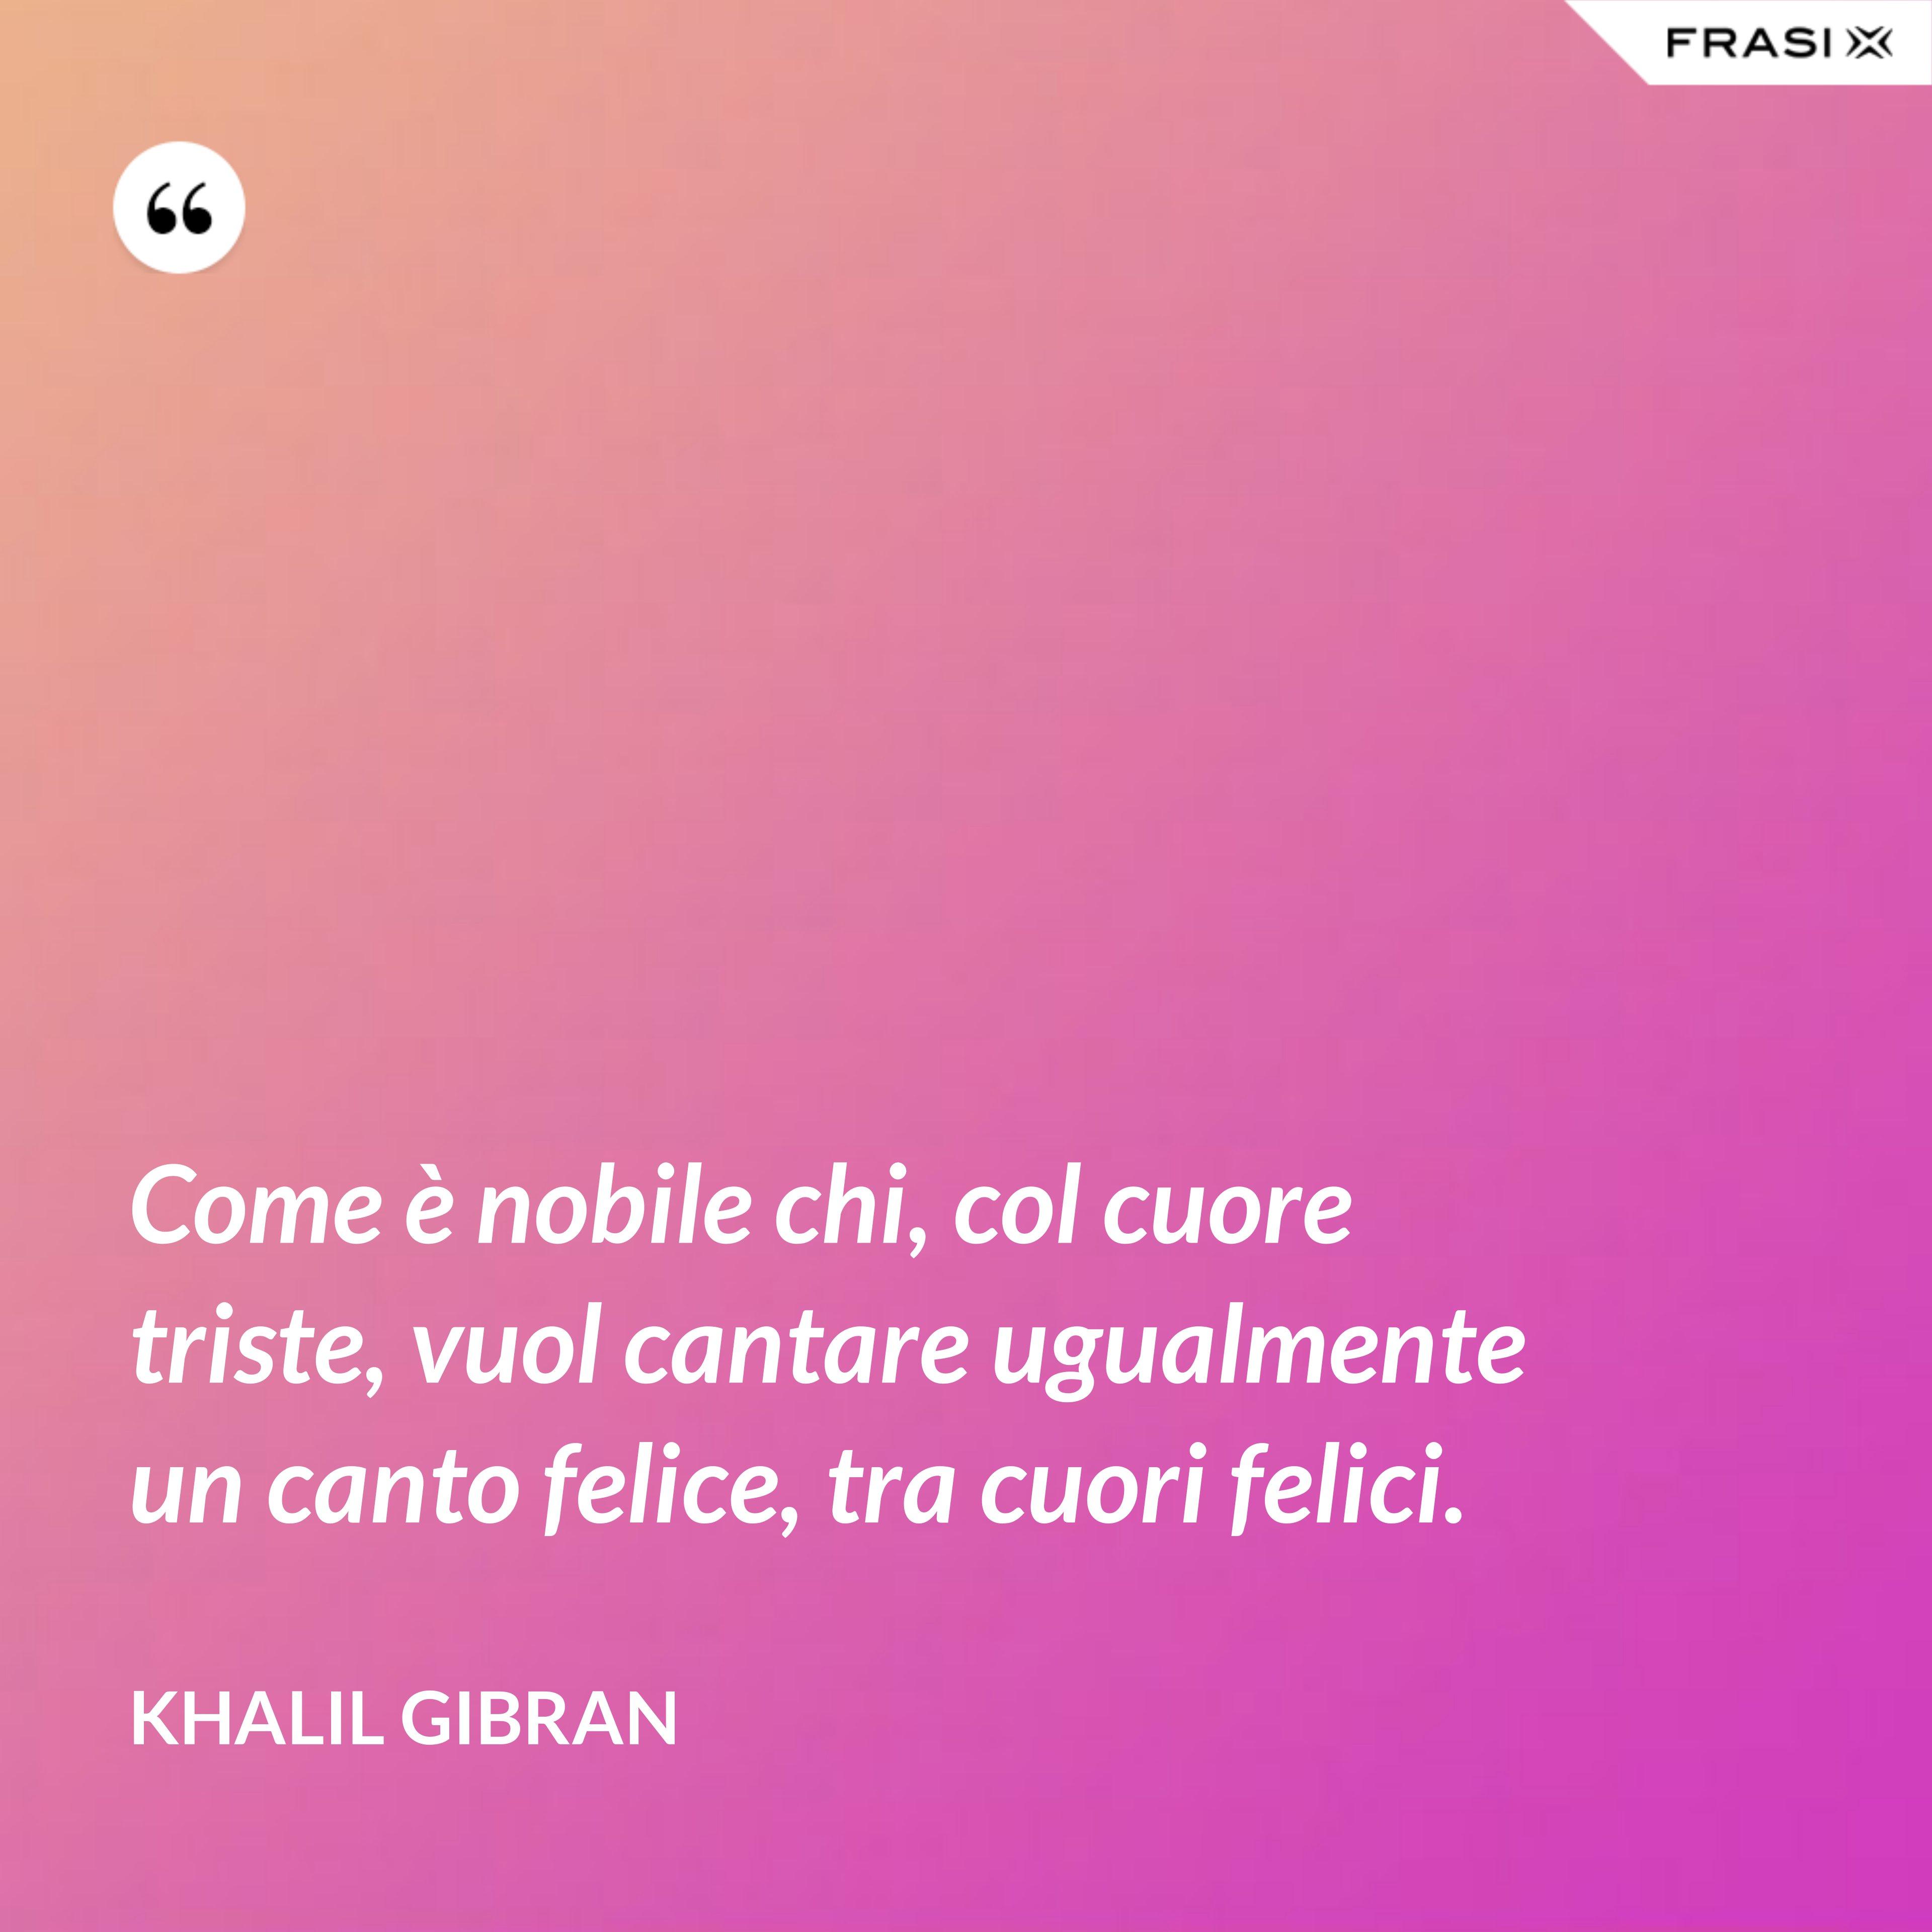 Come è nobile chi, col cuore triste, vuol cantare ugualmente un canto felice, tra cuori felici. - Khalil Gibran